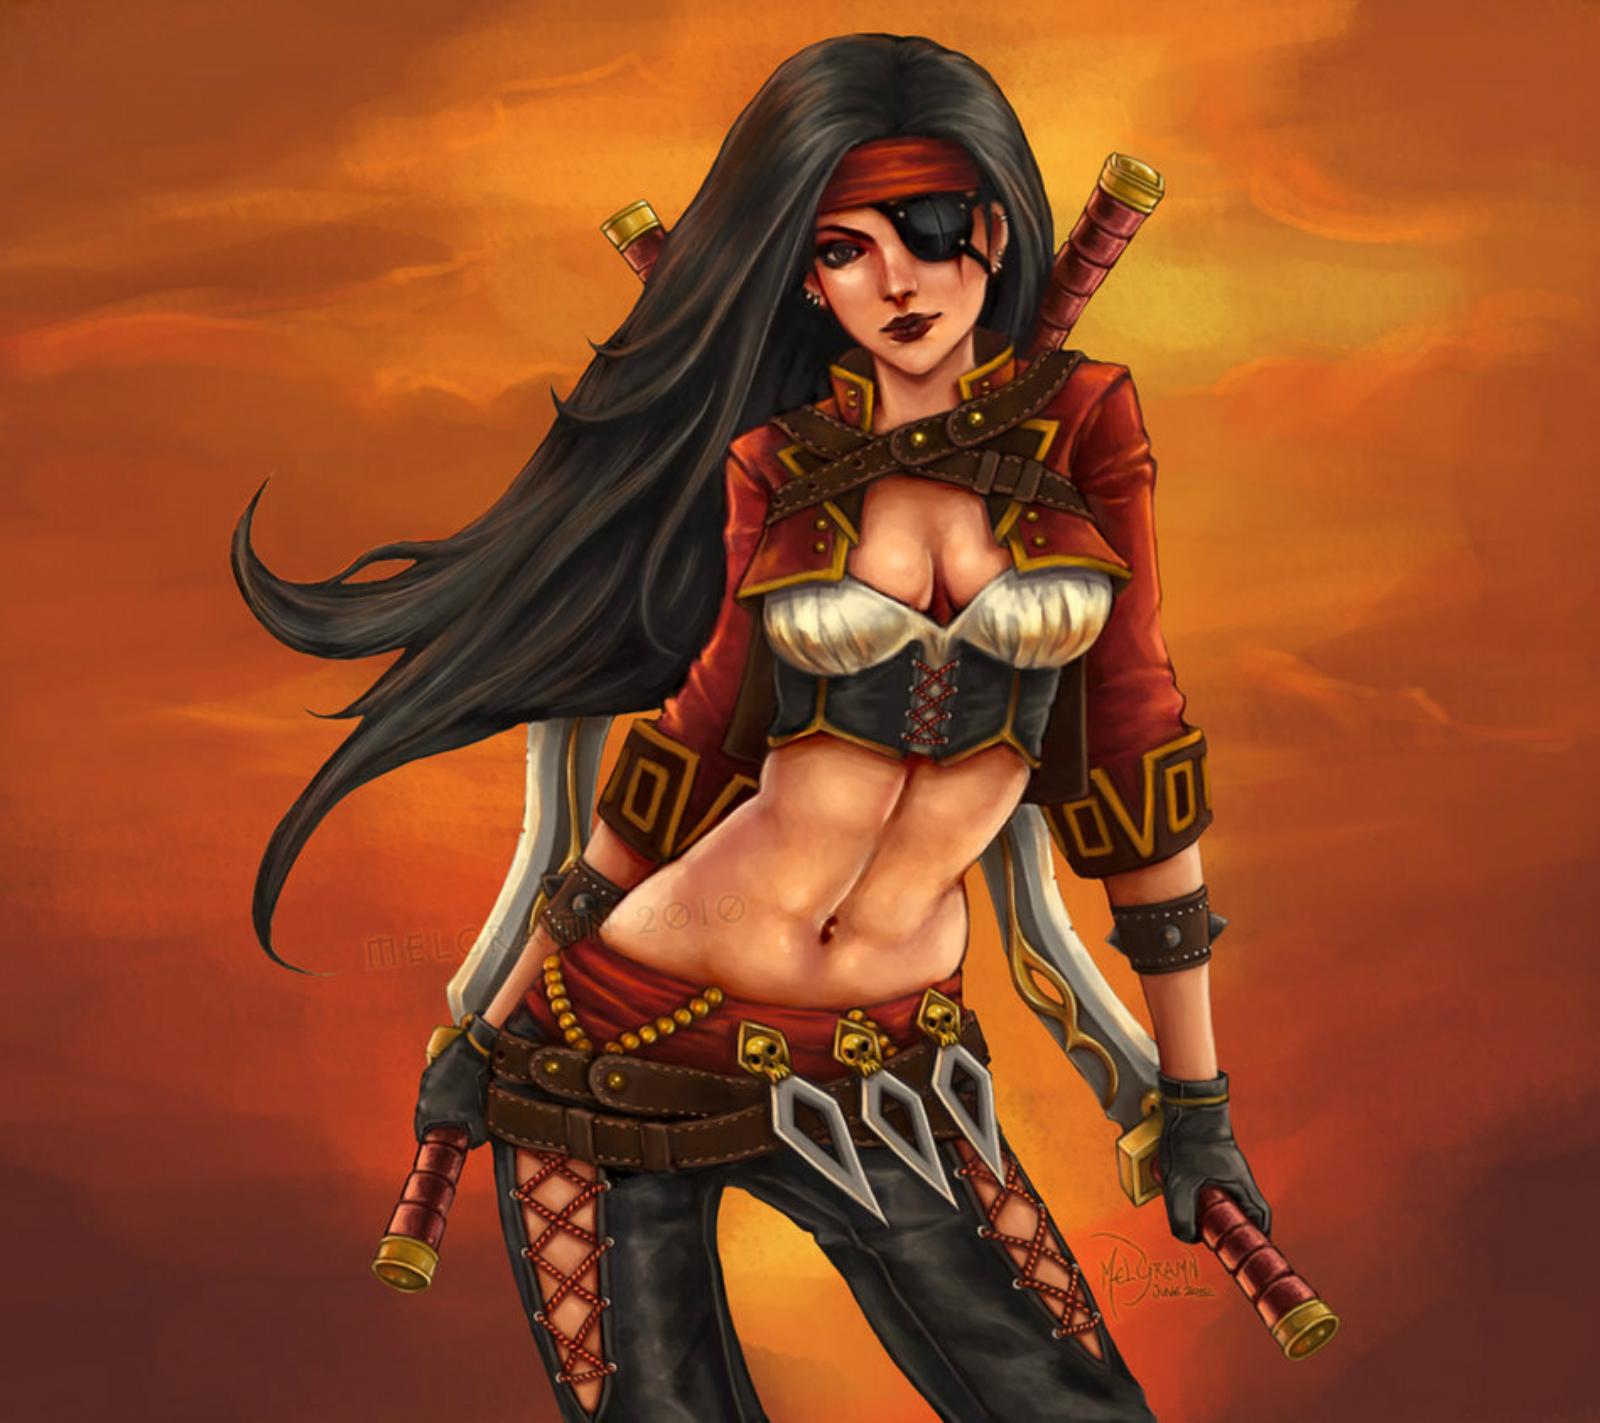 http://1.bp.blogspot.com/-hKrjNJM20qk/TknESnaSn4I/AAAAAAAAAlA/34G4l4SnLtY/s1600/vallpaper.net_league_of_legends_katarina_pirate.jpg